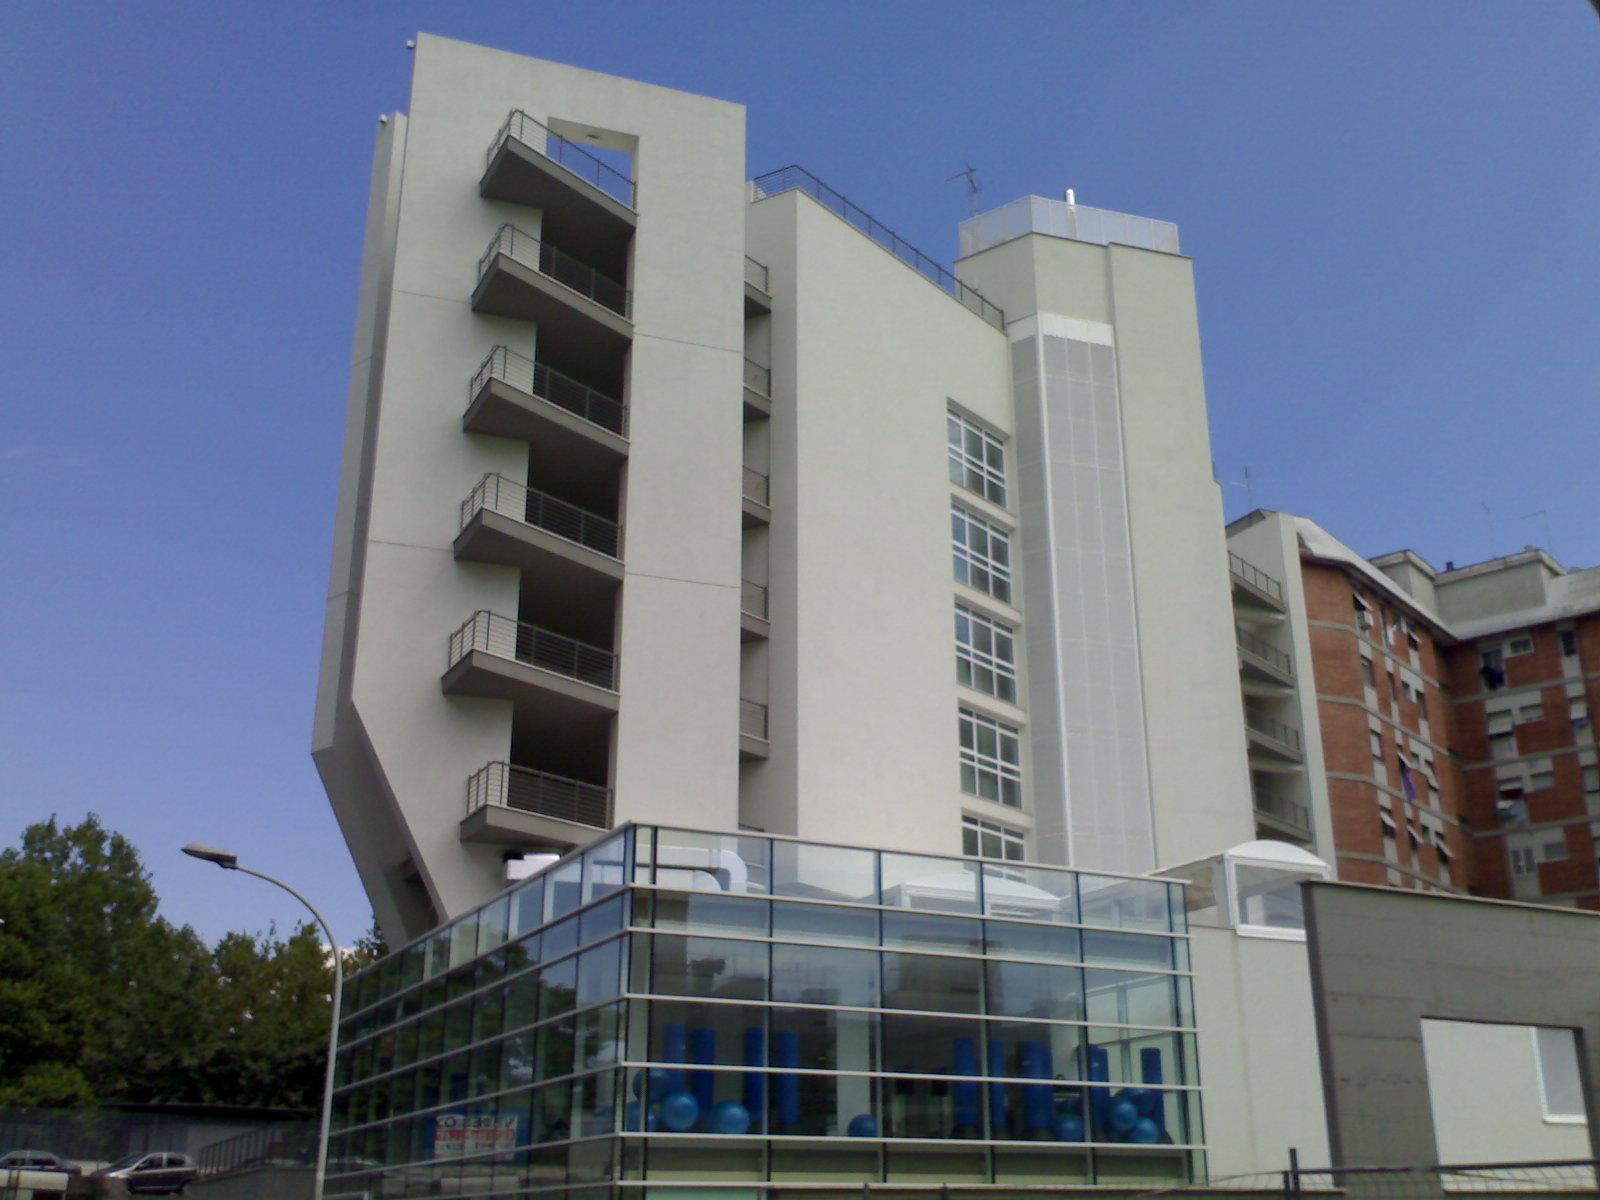 Ancora su quel distretto in divenire il nuovo albergo di studio transit affacciato sul - Porta portese messaggi ...